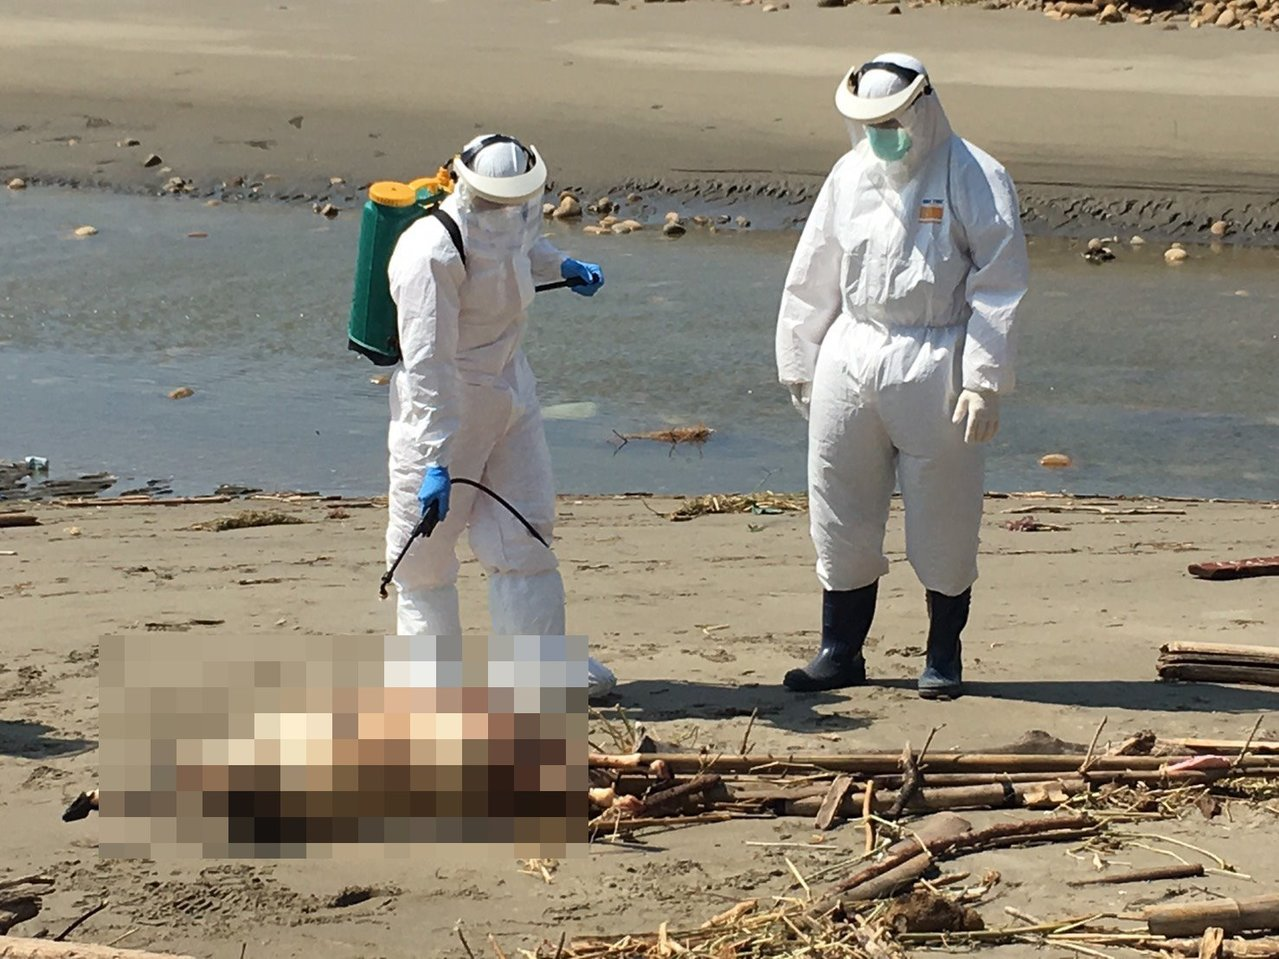 苗栗縣通霄鎮白沙屯海岸中午發現一具動物屍體,海巡人員全副武裝到場處理,確認是一隻...